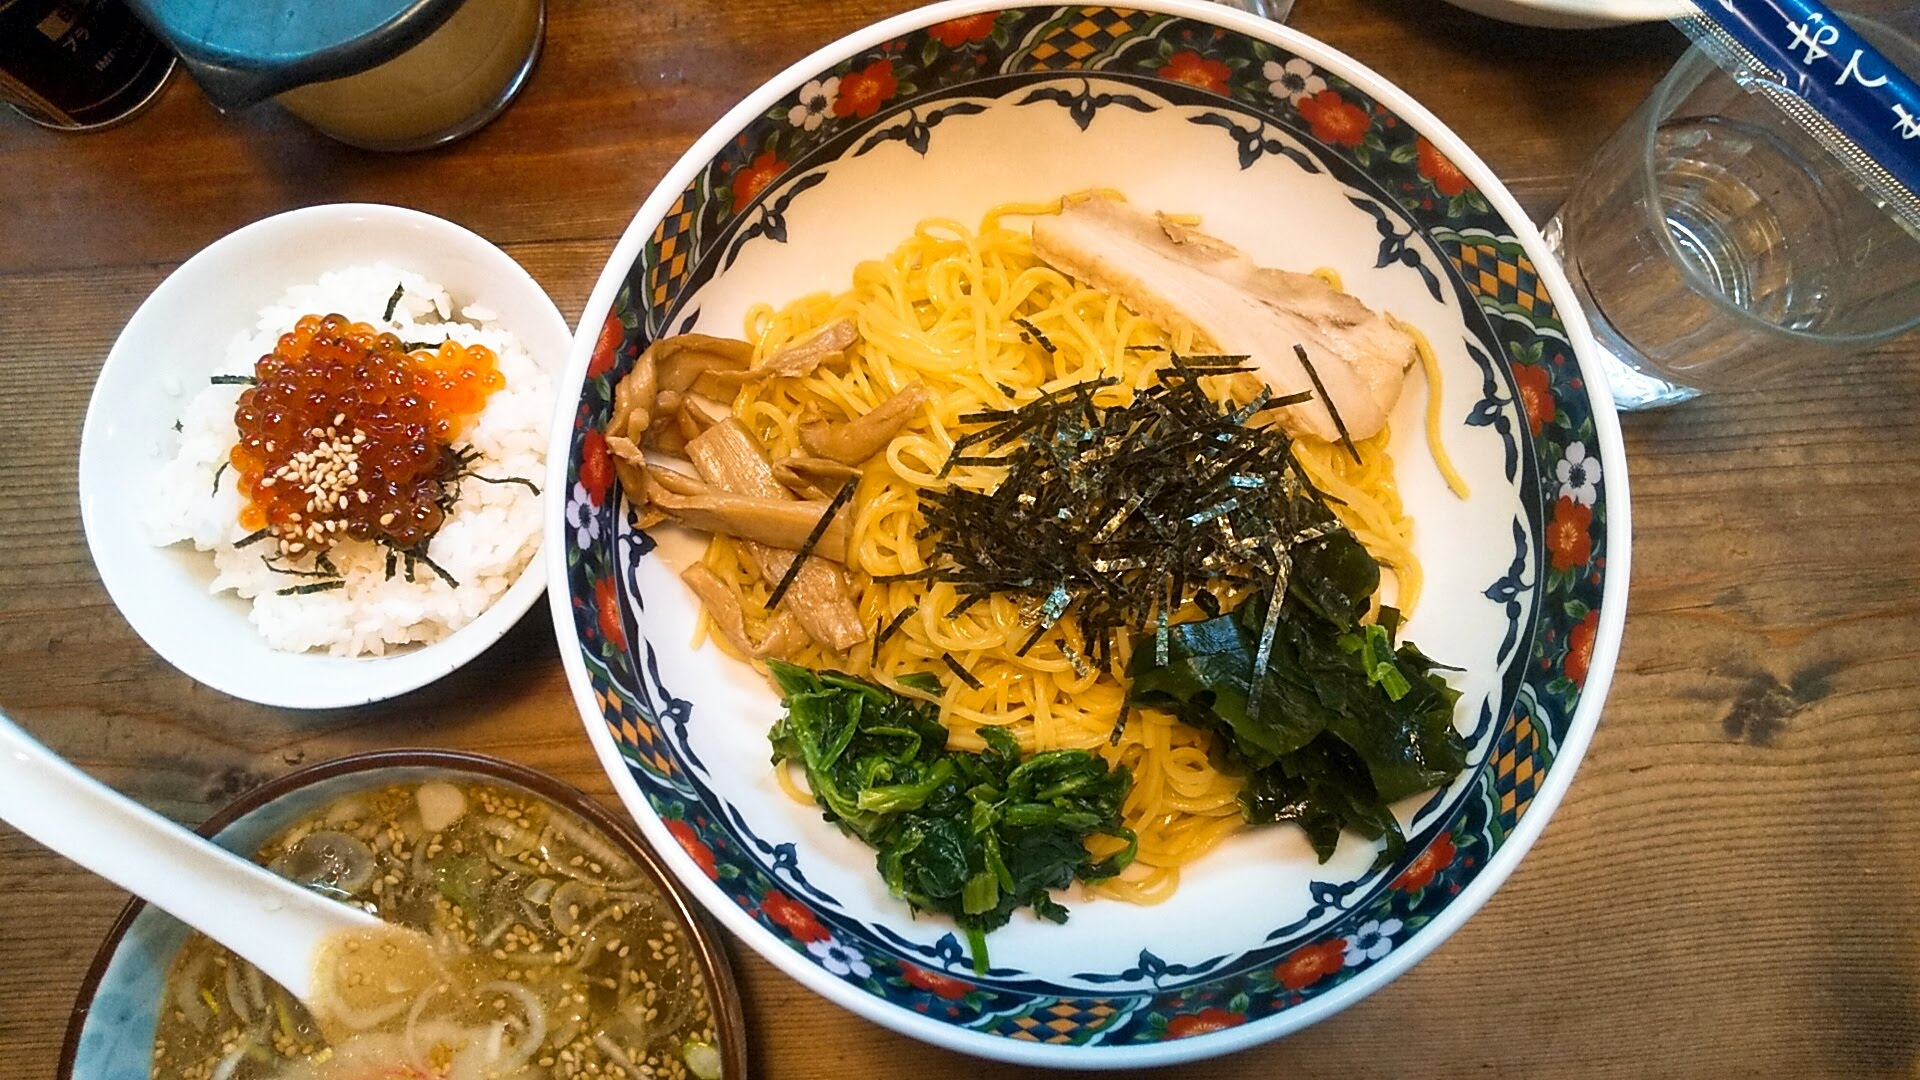 船見坂のつけ麺の麺皿の写真